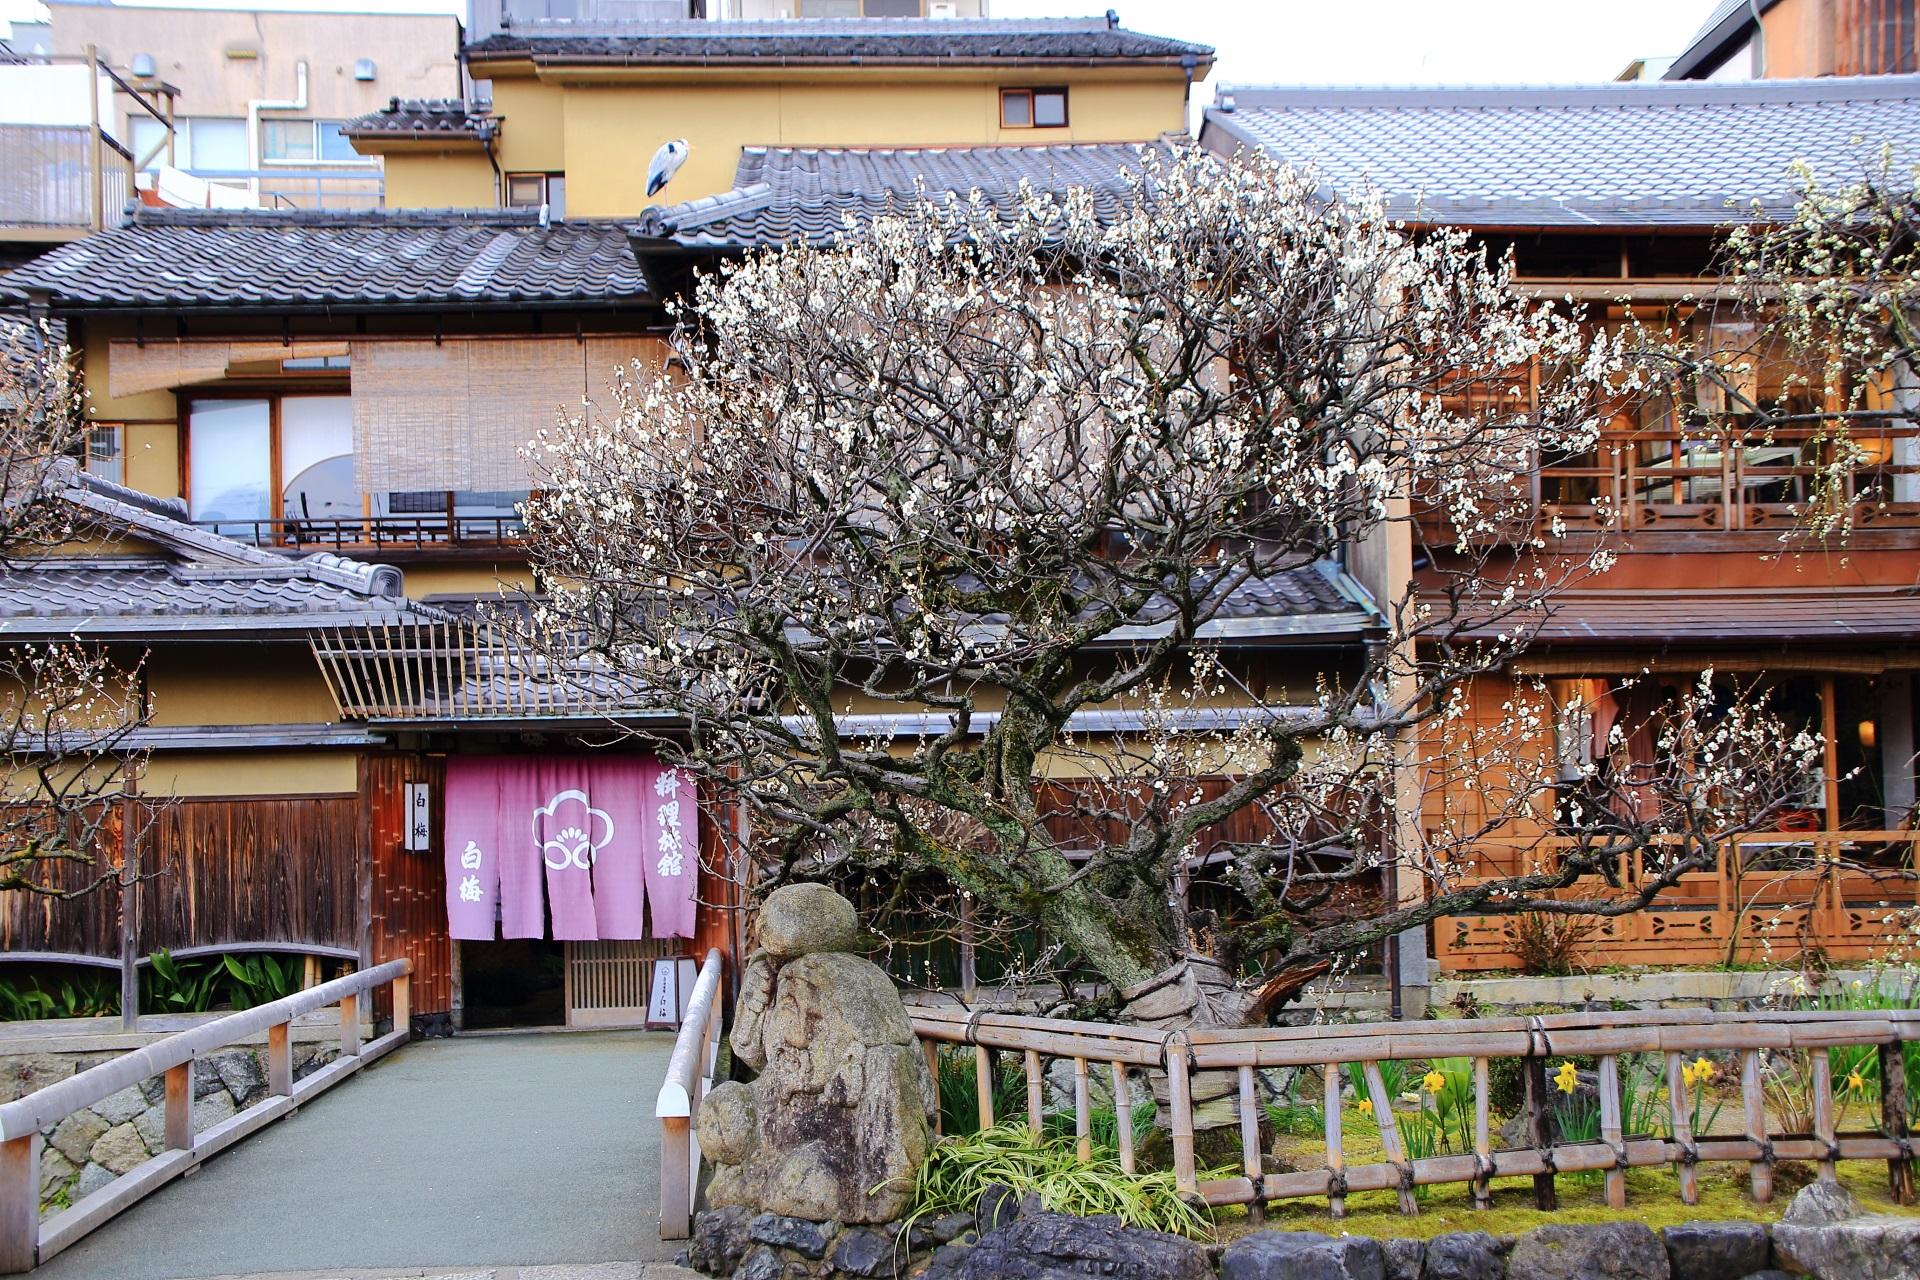 祇園白川 梅 風情ある春先の梅の名所